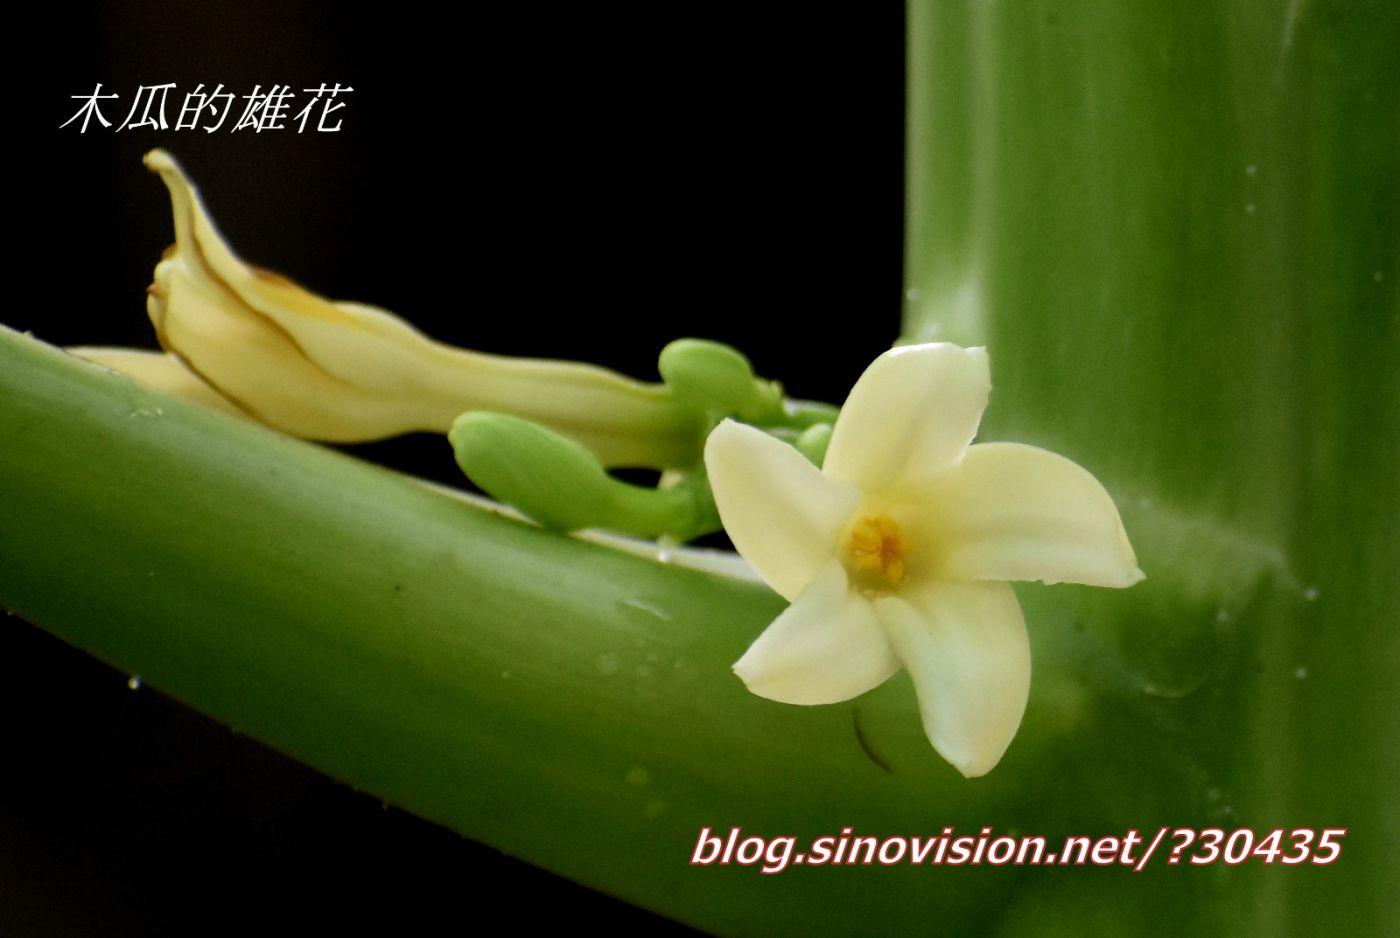 木瓜开花_图1-2